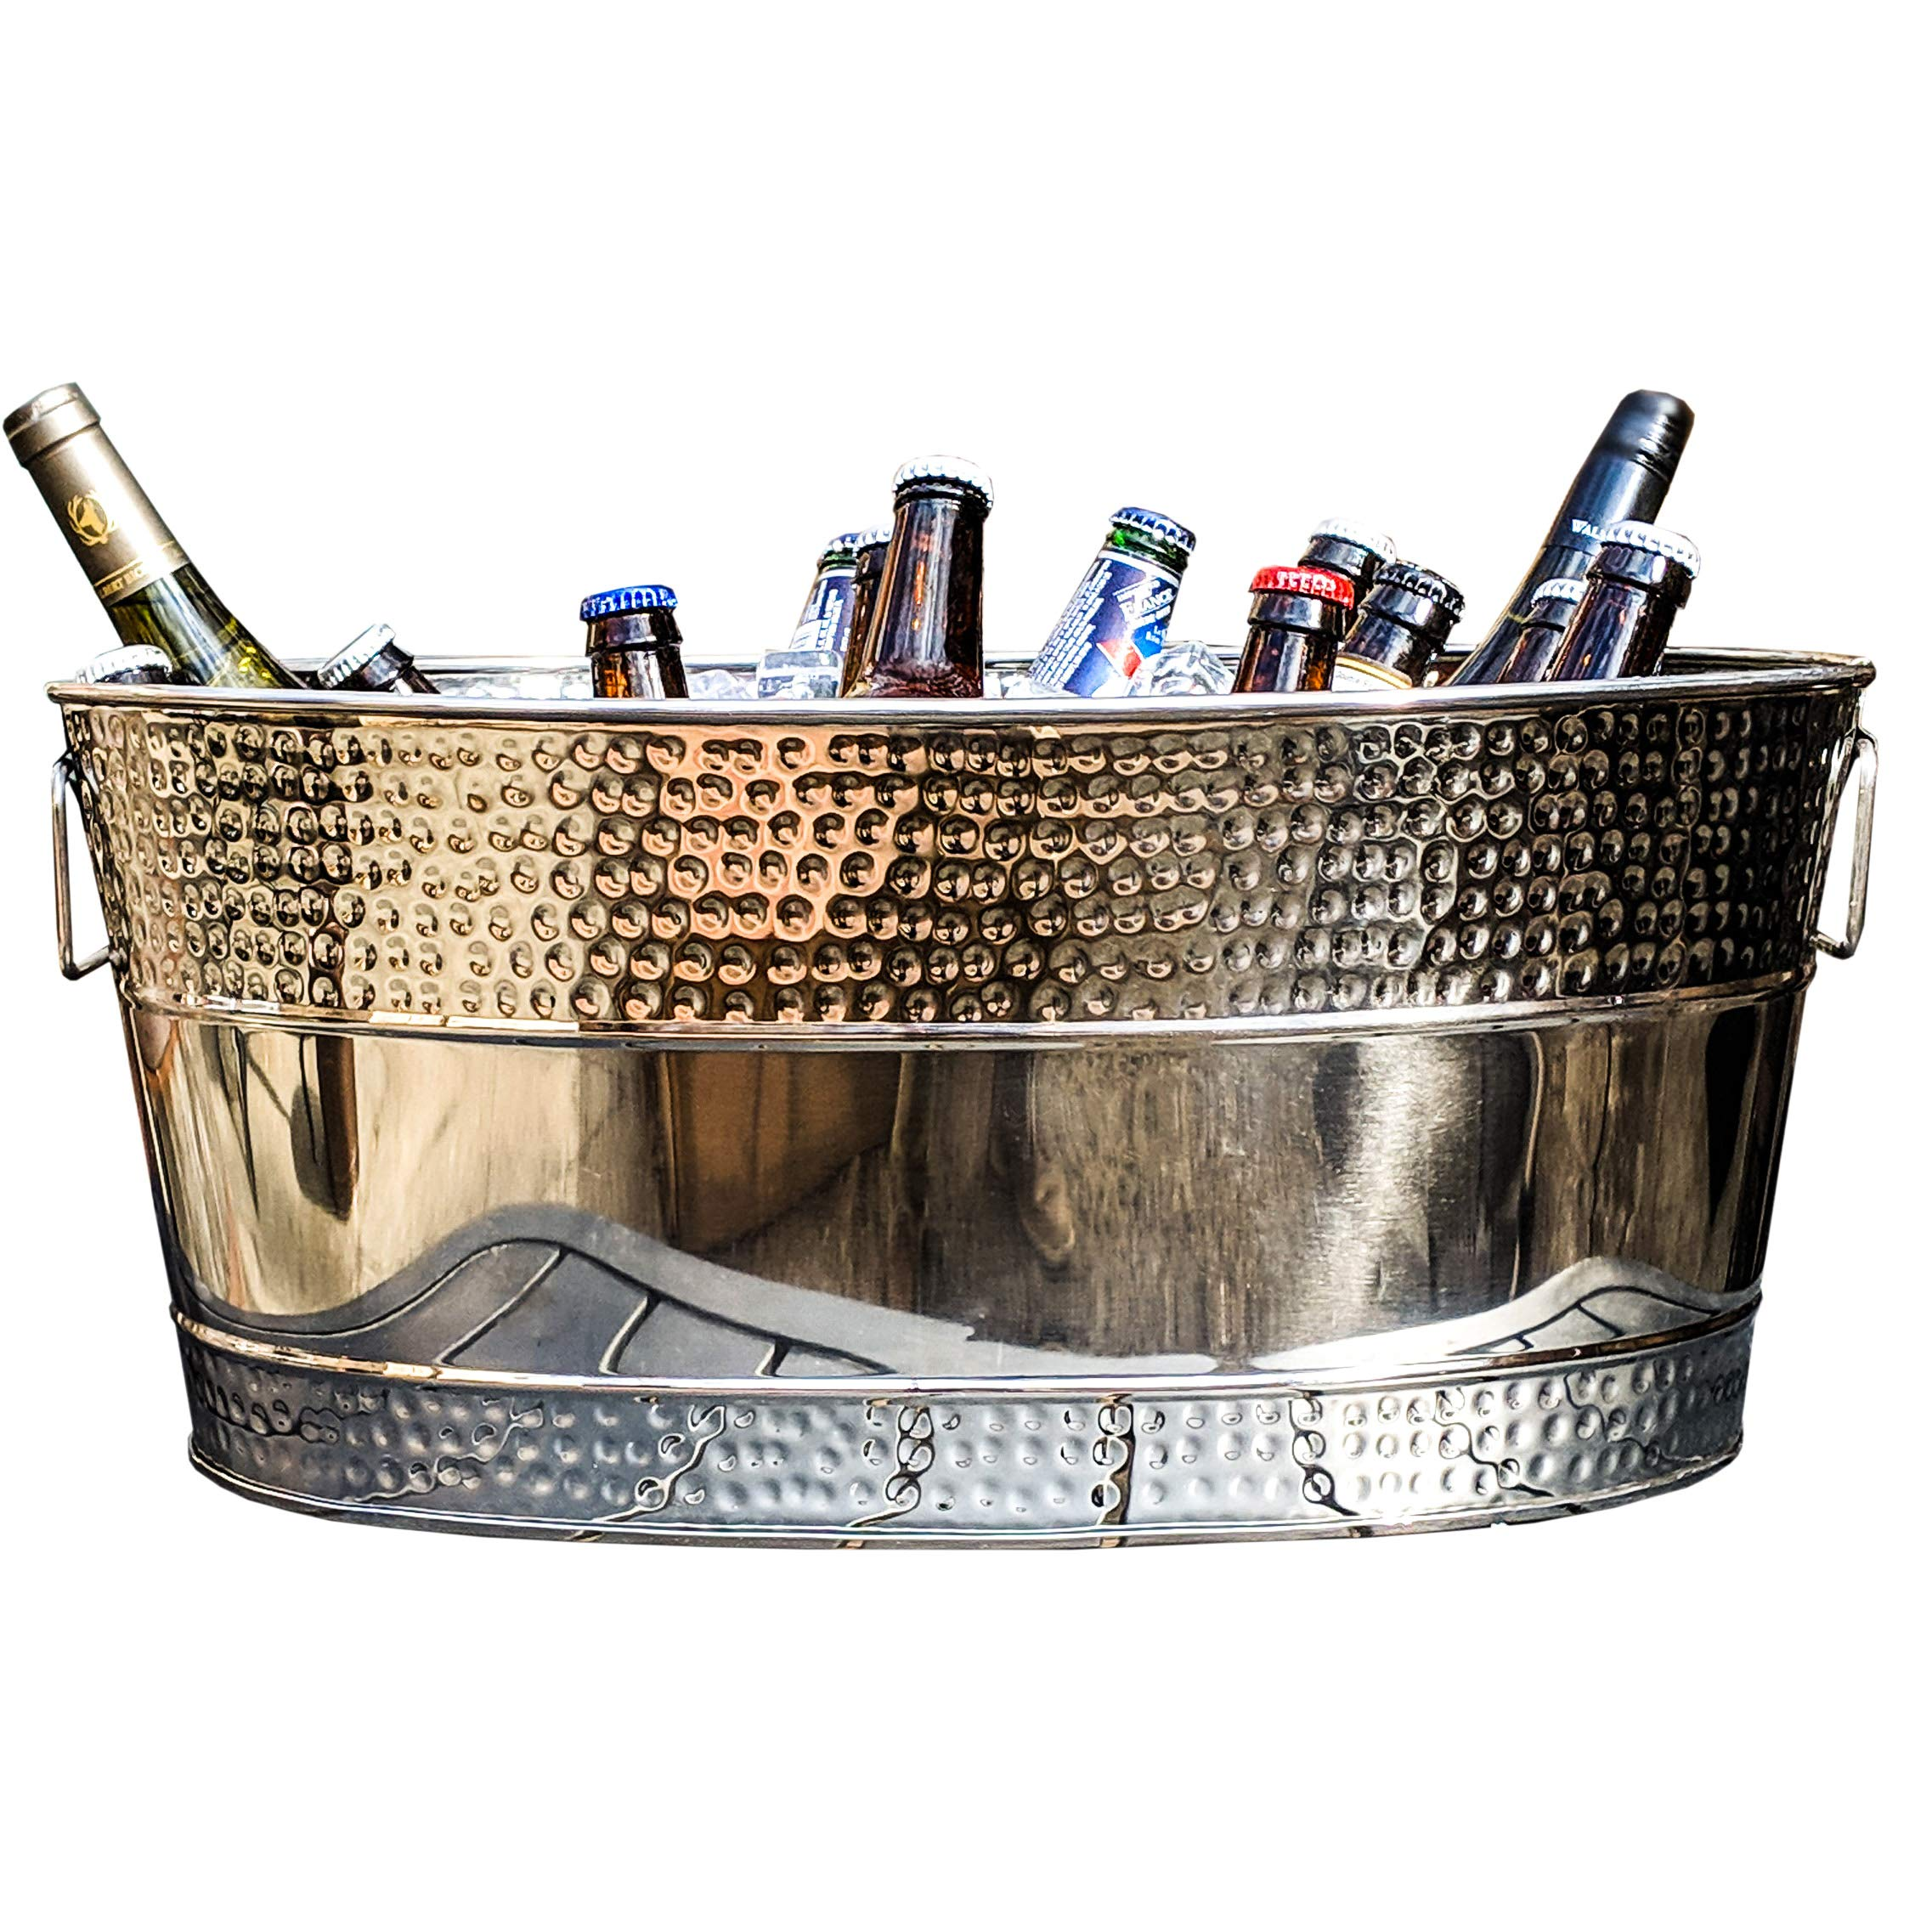 BREKX Aspen Hammered Stainless Steel Beverage Tub & Party Drink Chiller - 25 Quarts - Mirror-Silver by BREKX